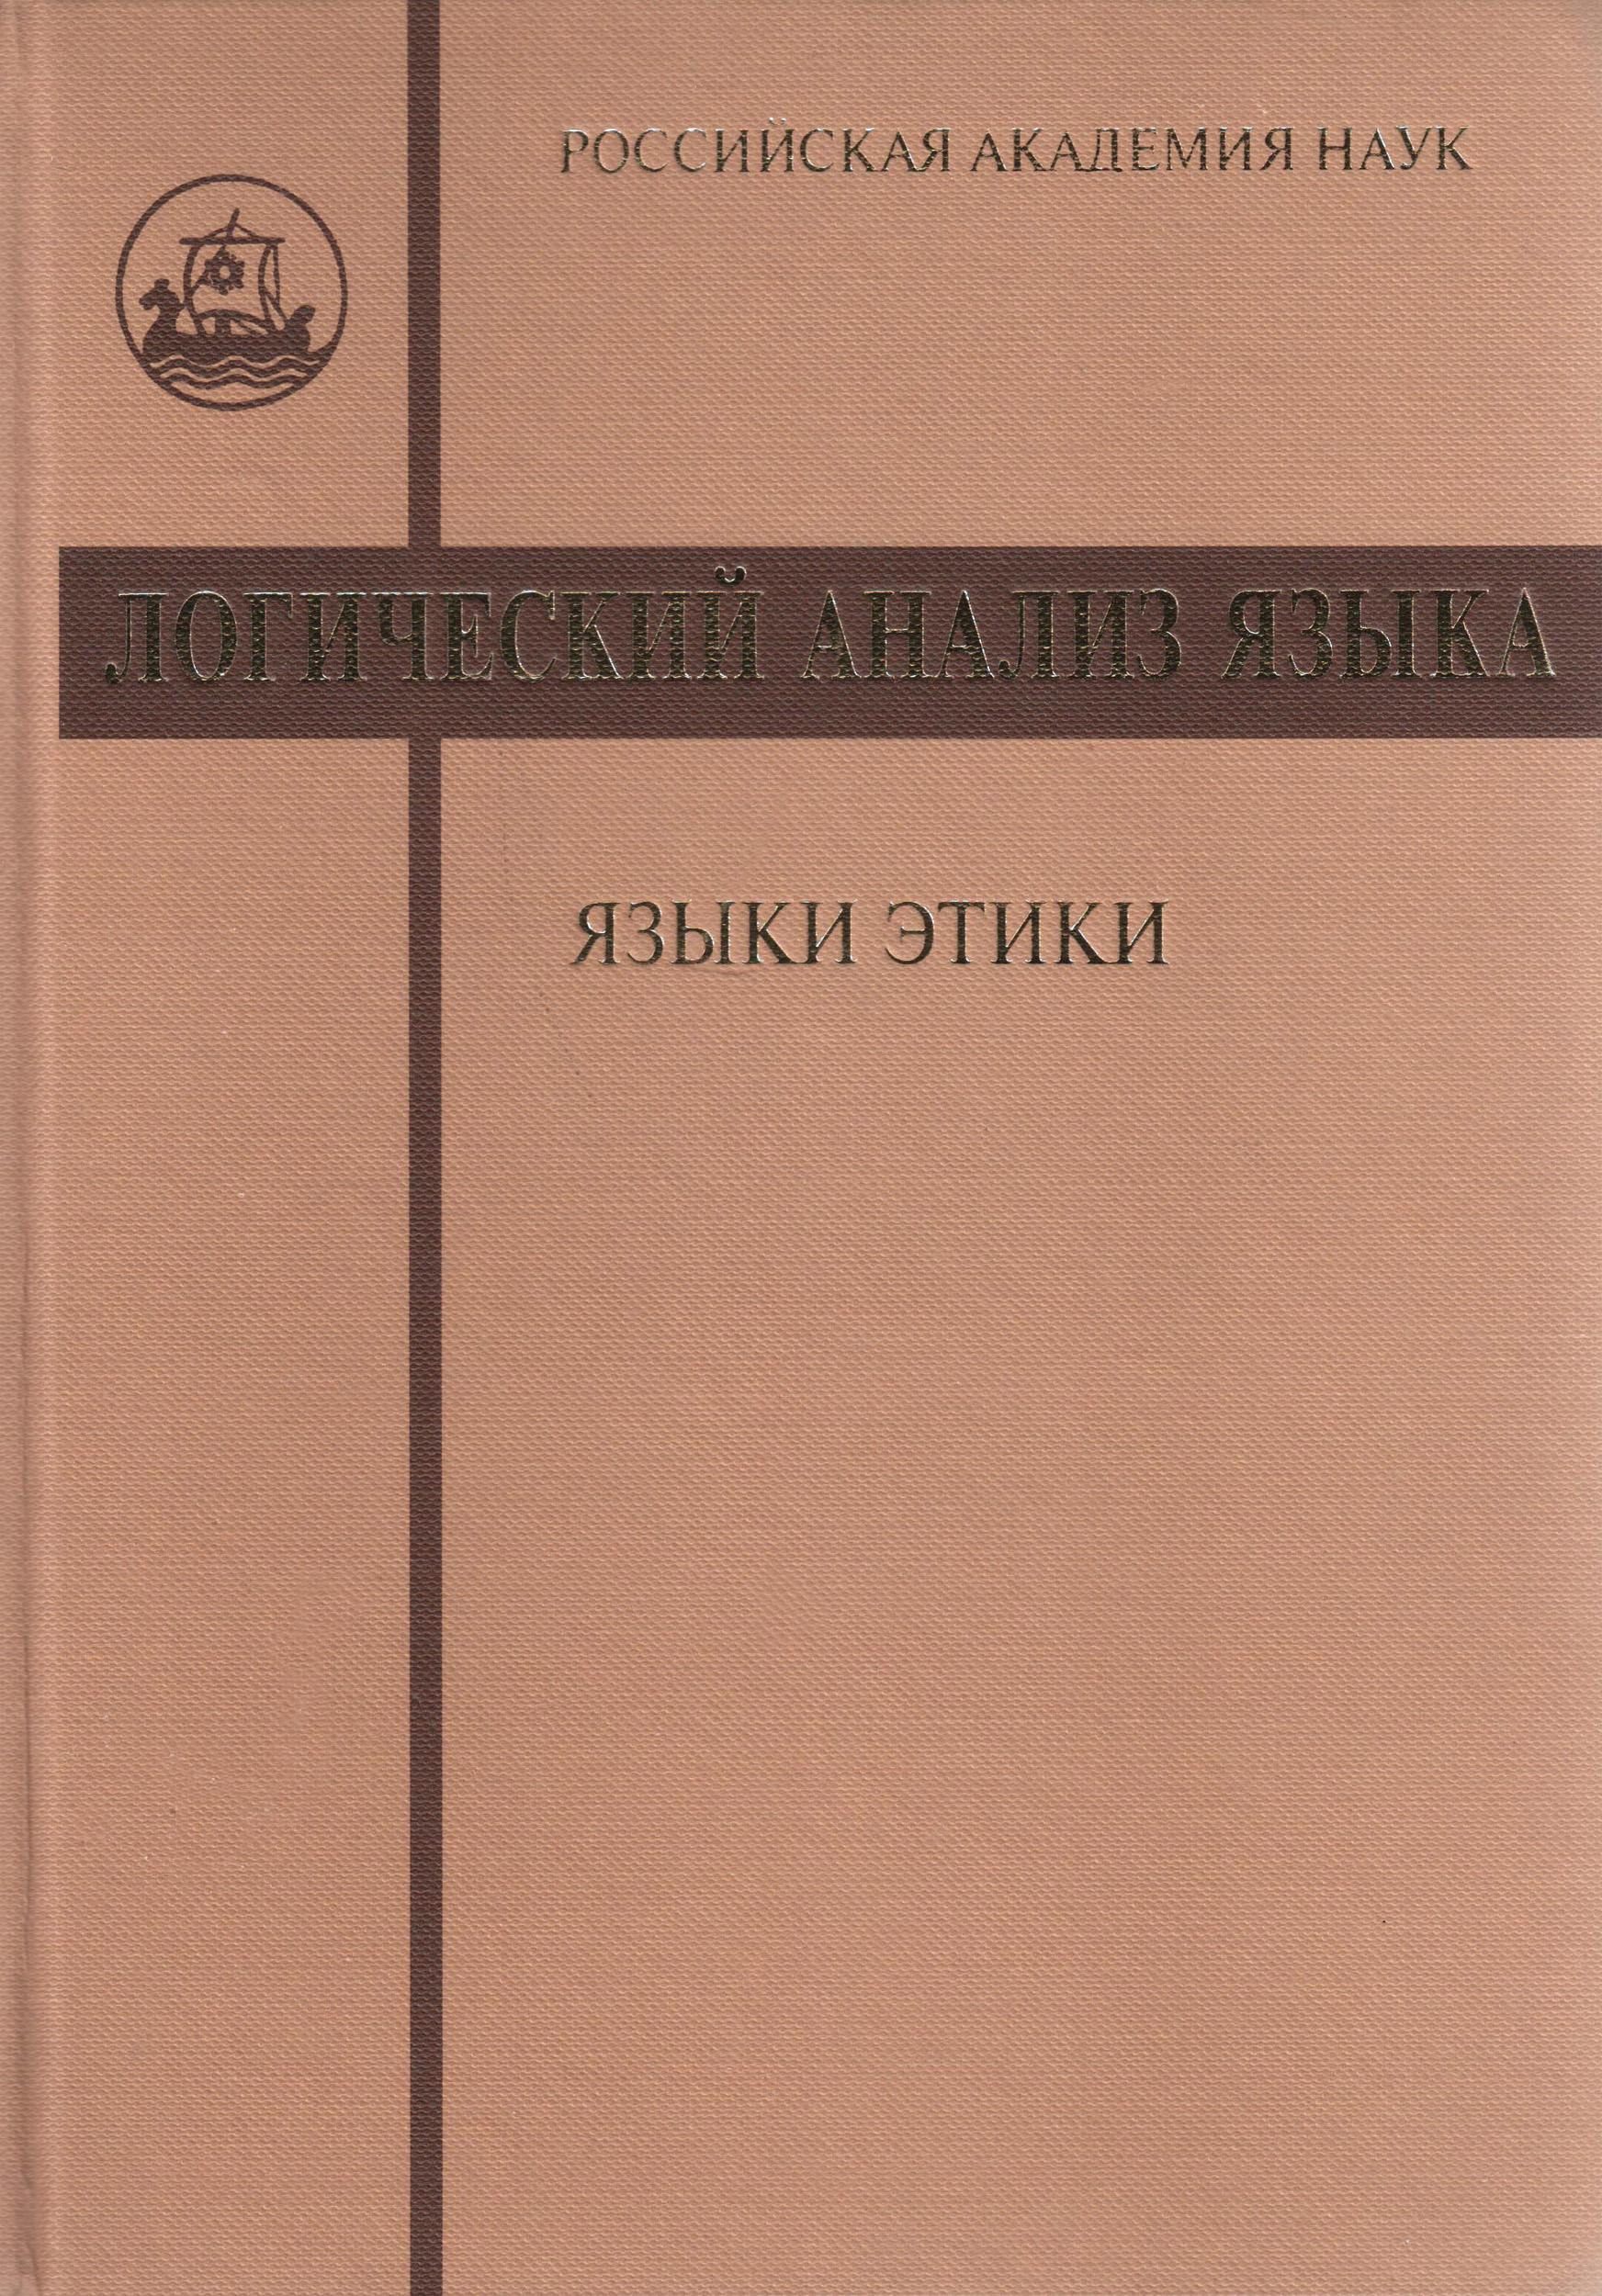 Сборник статей Логический анализ языка. Языки этики сборник статей логический анализ языка языки этики